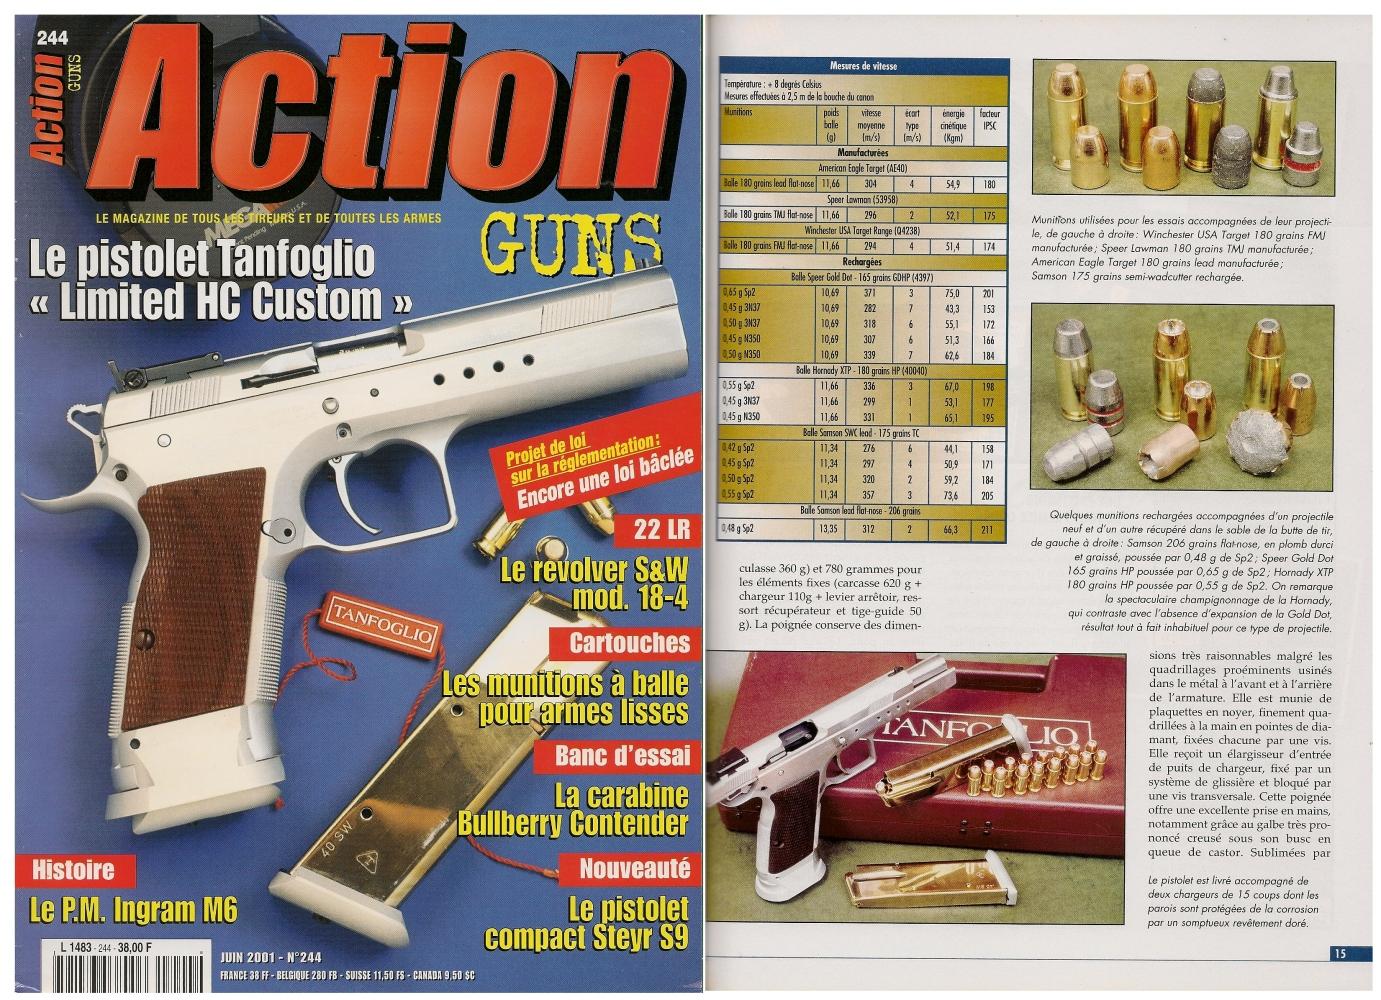 Le banc d'essai du pistolet Tanfoglio « Limited HC Custom » a été publié sur 7 pages dans le magazine Action Guns n°244 (juin 2001).